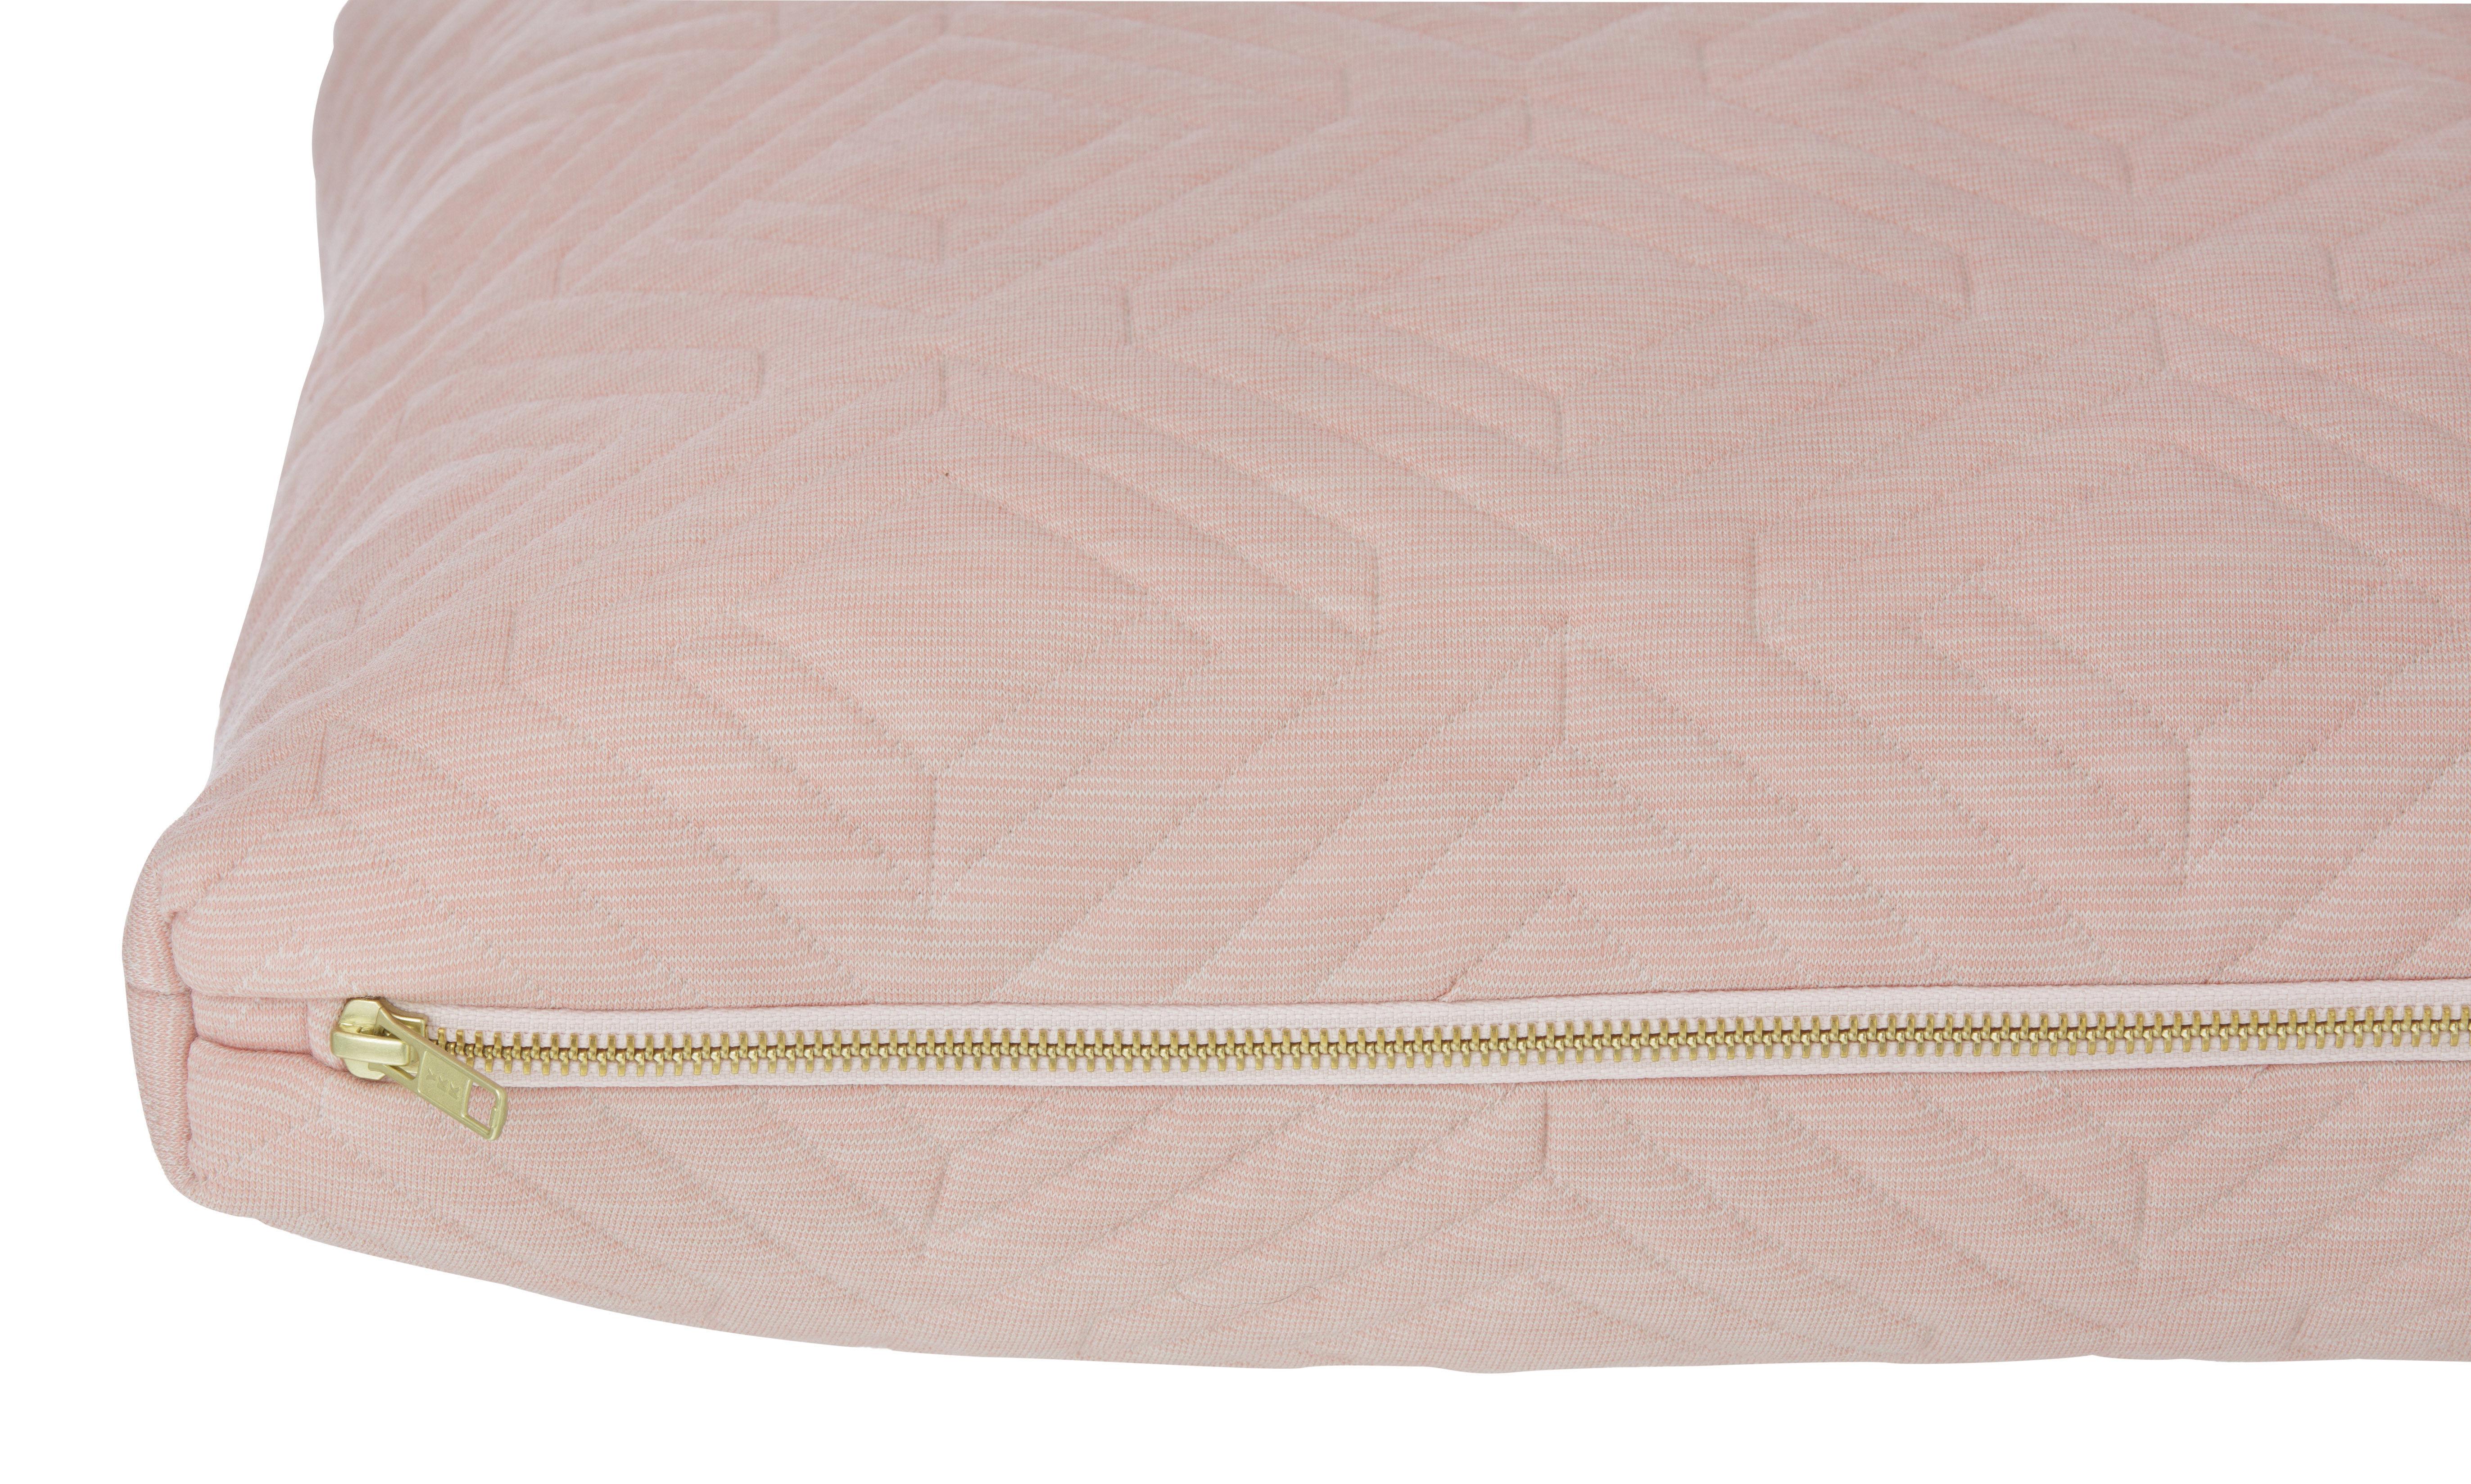 coussin quilt 60 x 40 cm rose p le ferm living. Black Bedroom Furniture Sets. Home Design Ideas